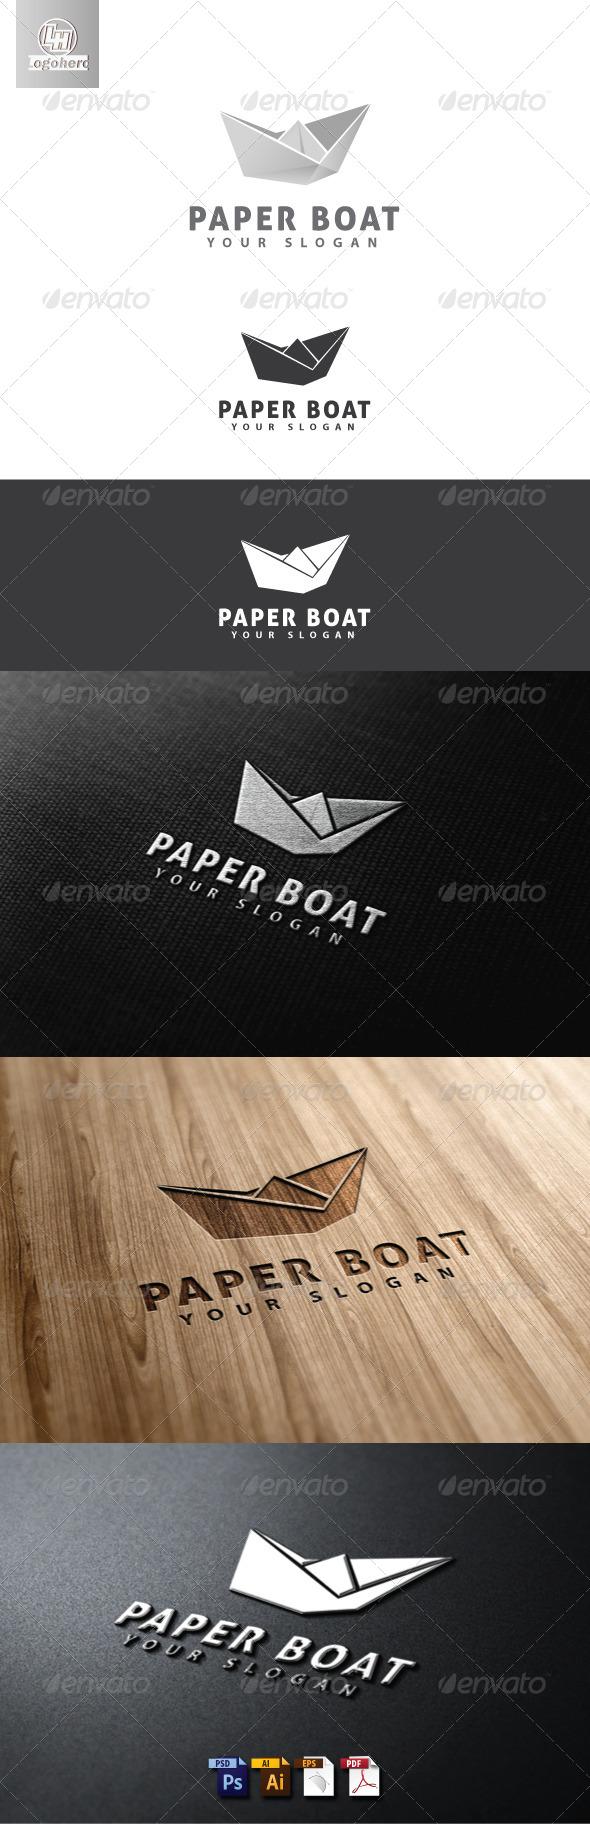 GraphicRiver Paper Boat Logo Template 4655587